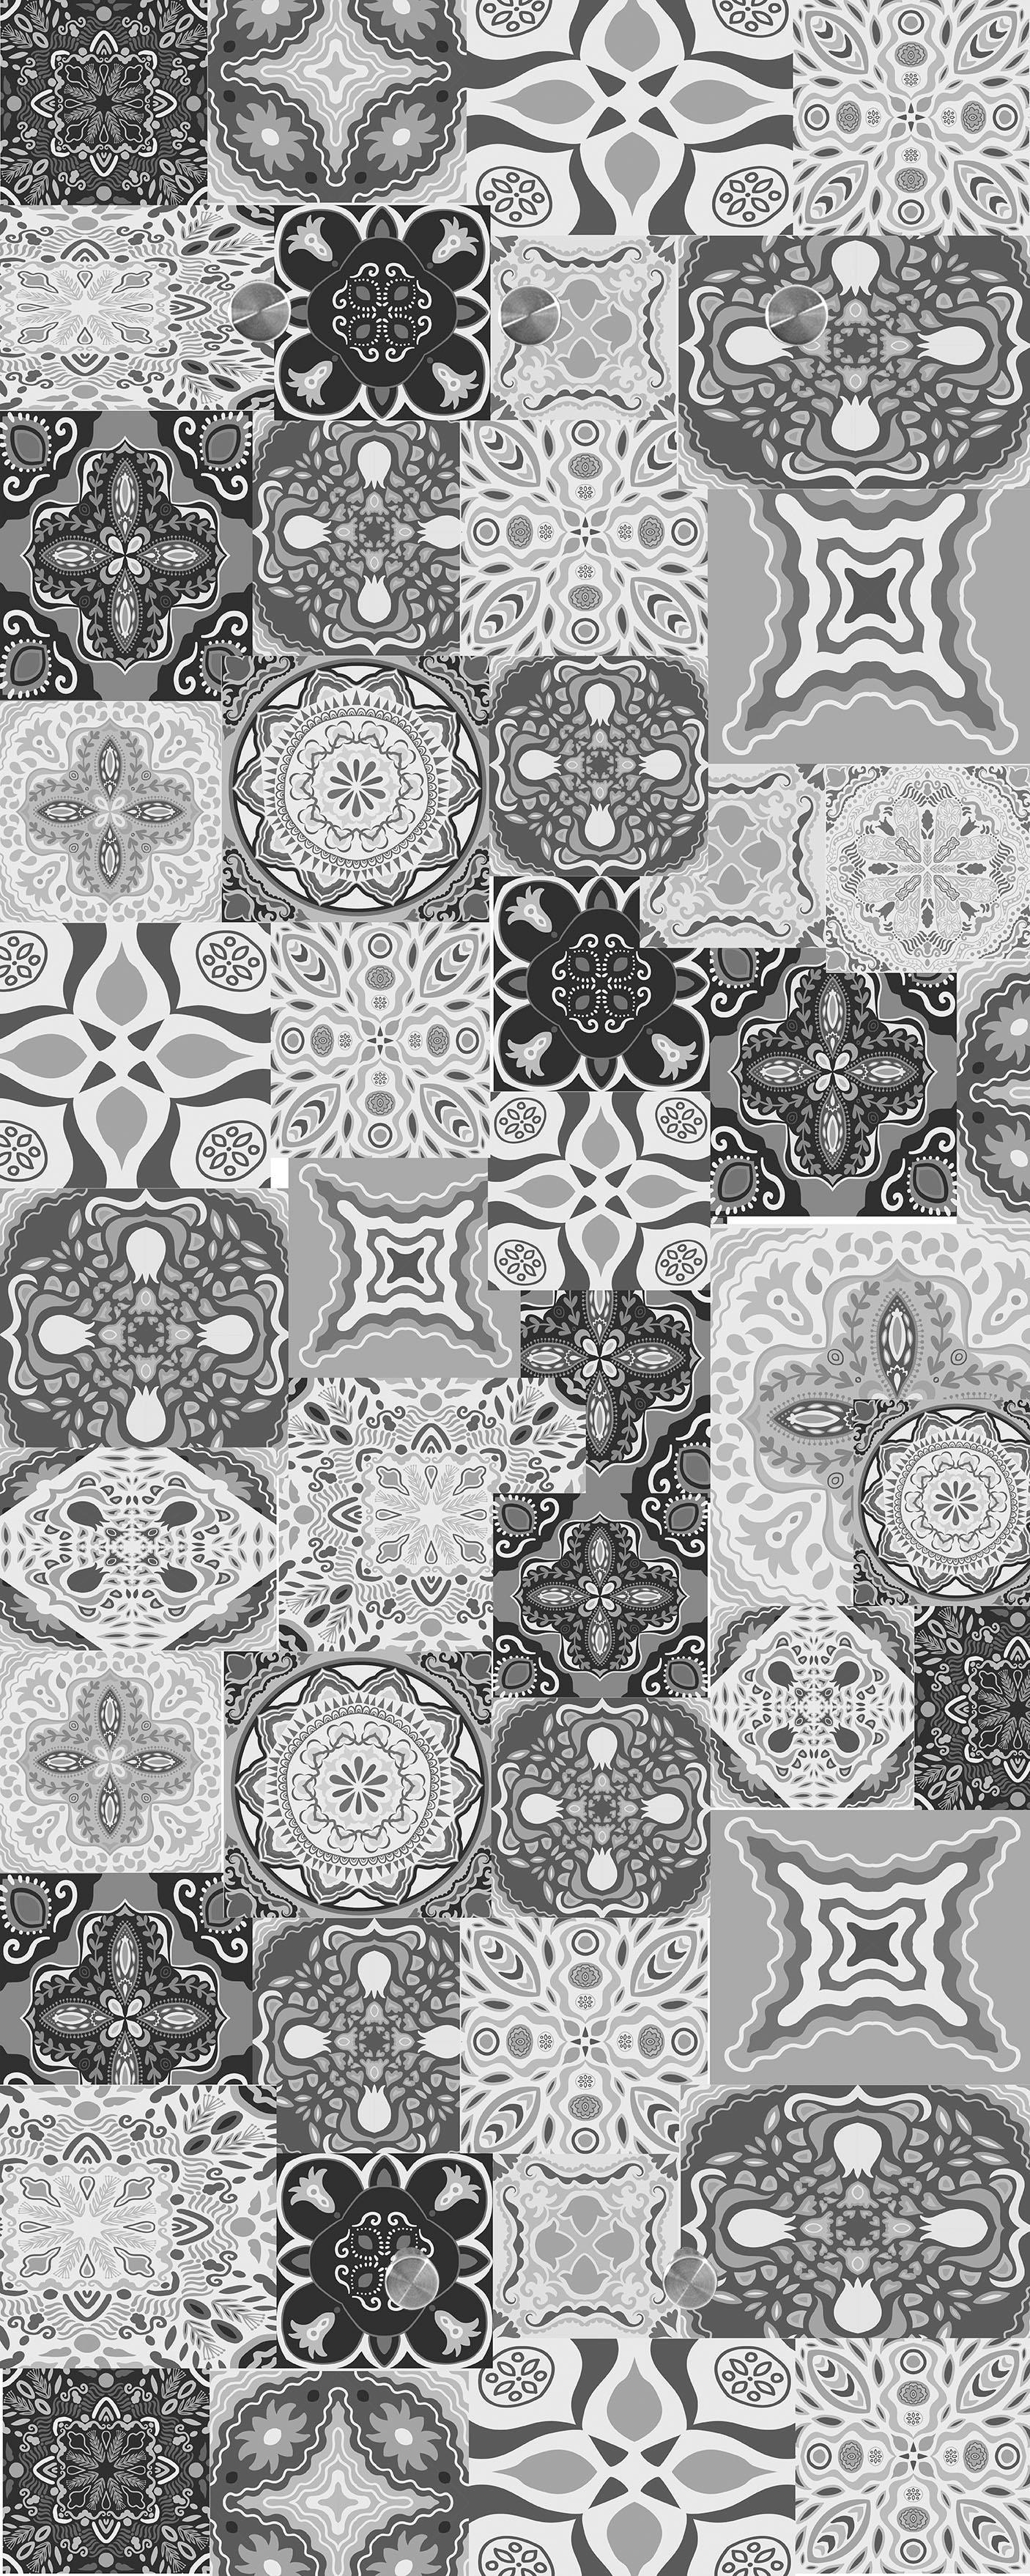 kapstok »Mosaik« bij OTTO online kopen